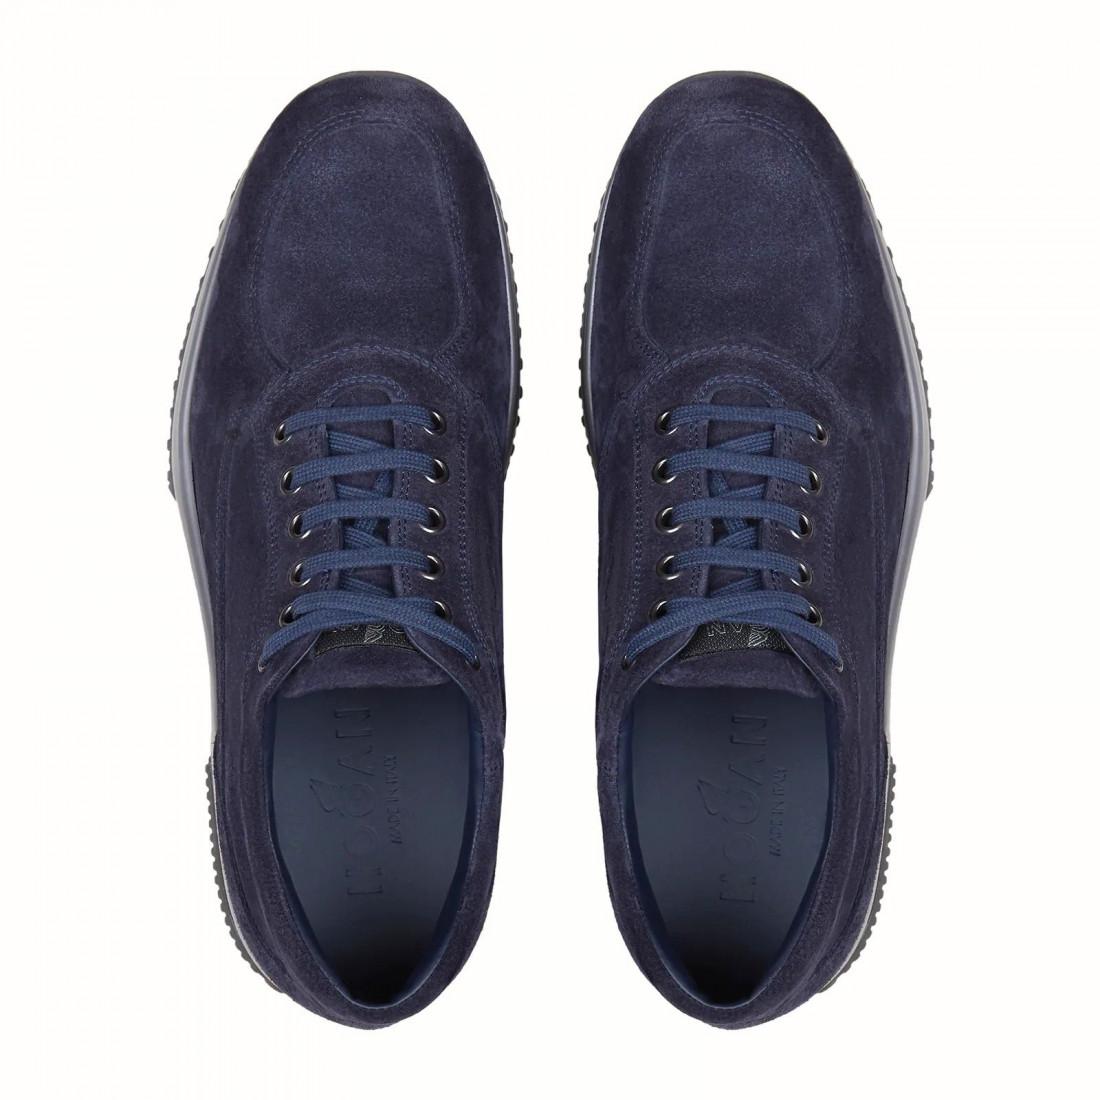 sneakers man hogan hxm00n09042hg0u801 7566